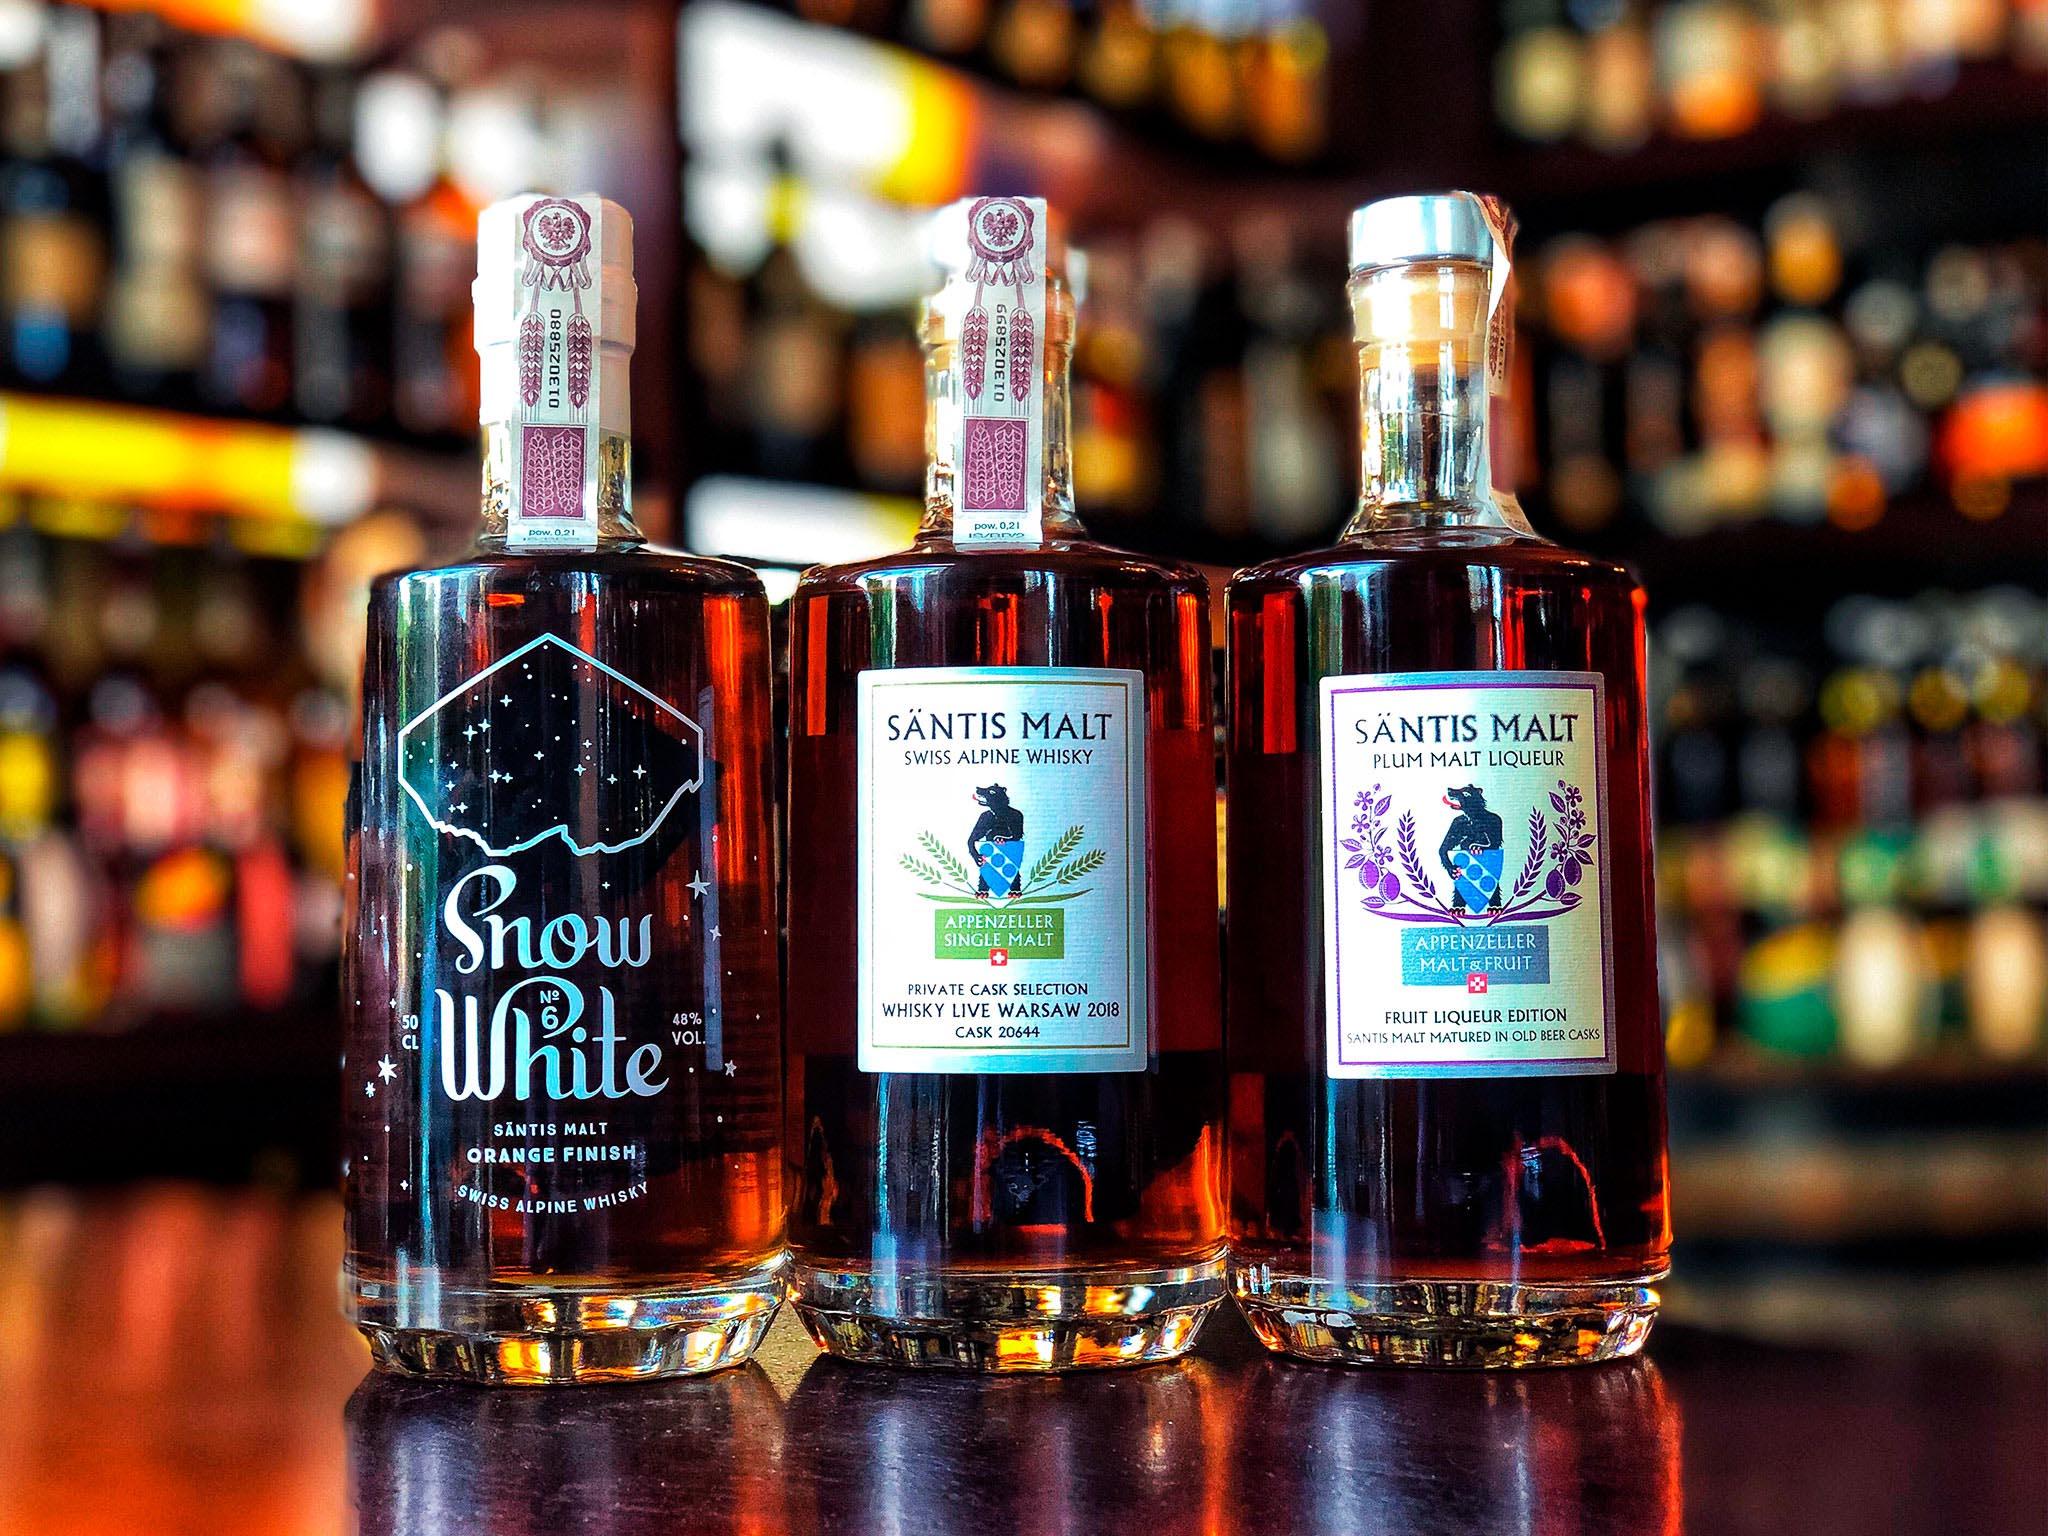 Santis Malt - Słodyczą płynąca whisky!